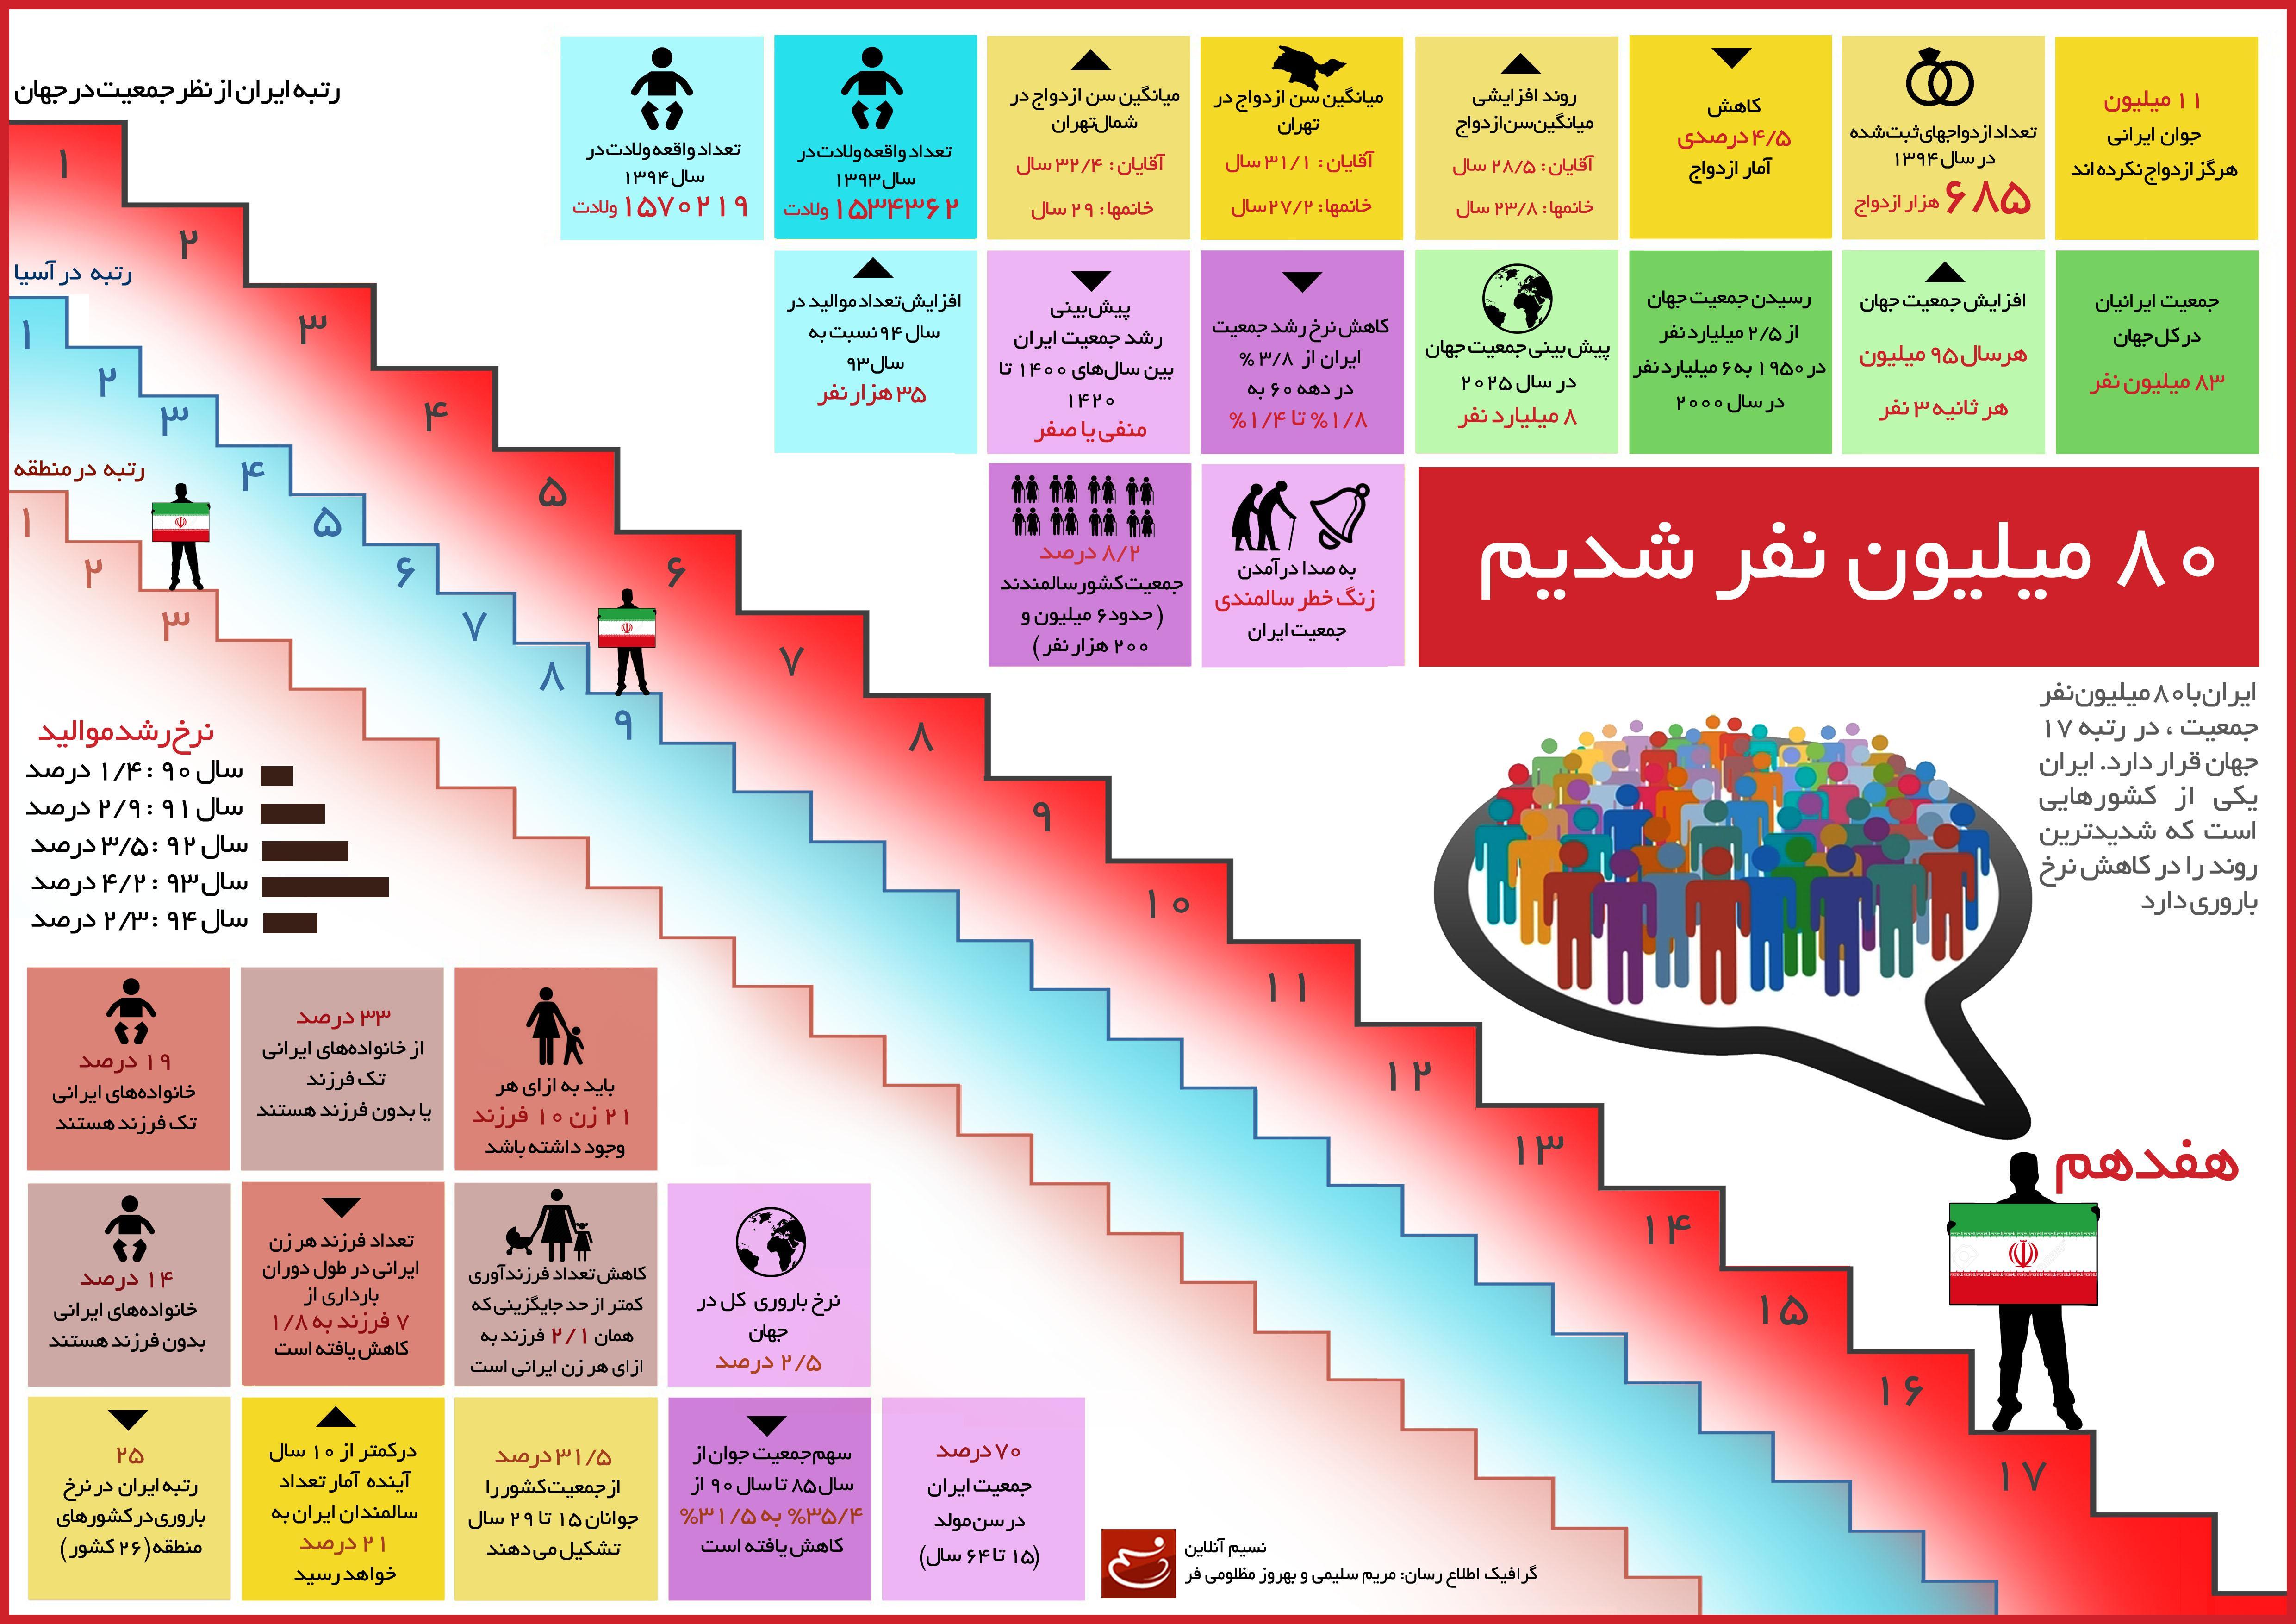 افزایش جمعیت، نیاز اقتصاد ایران